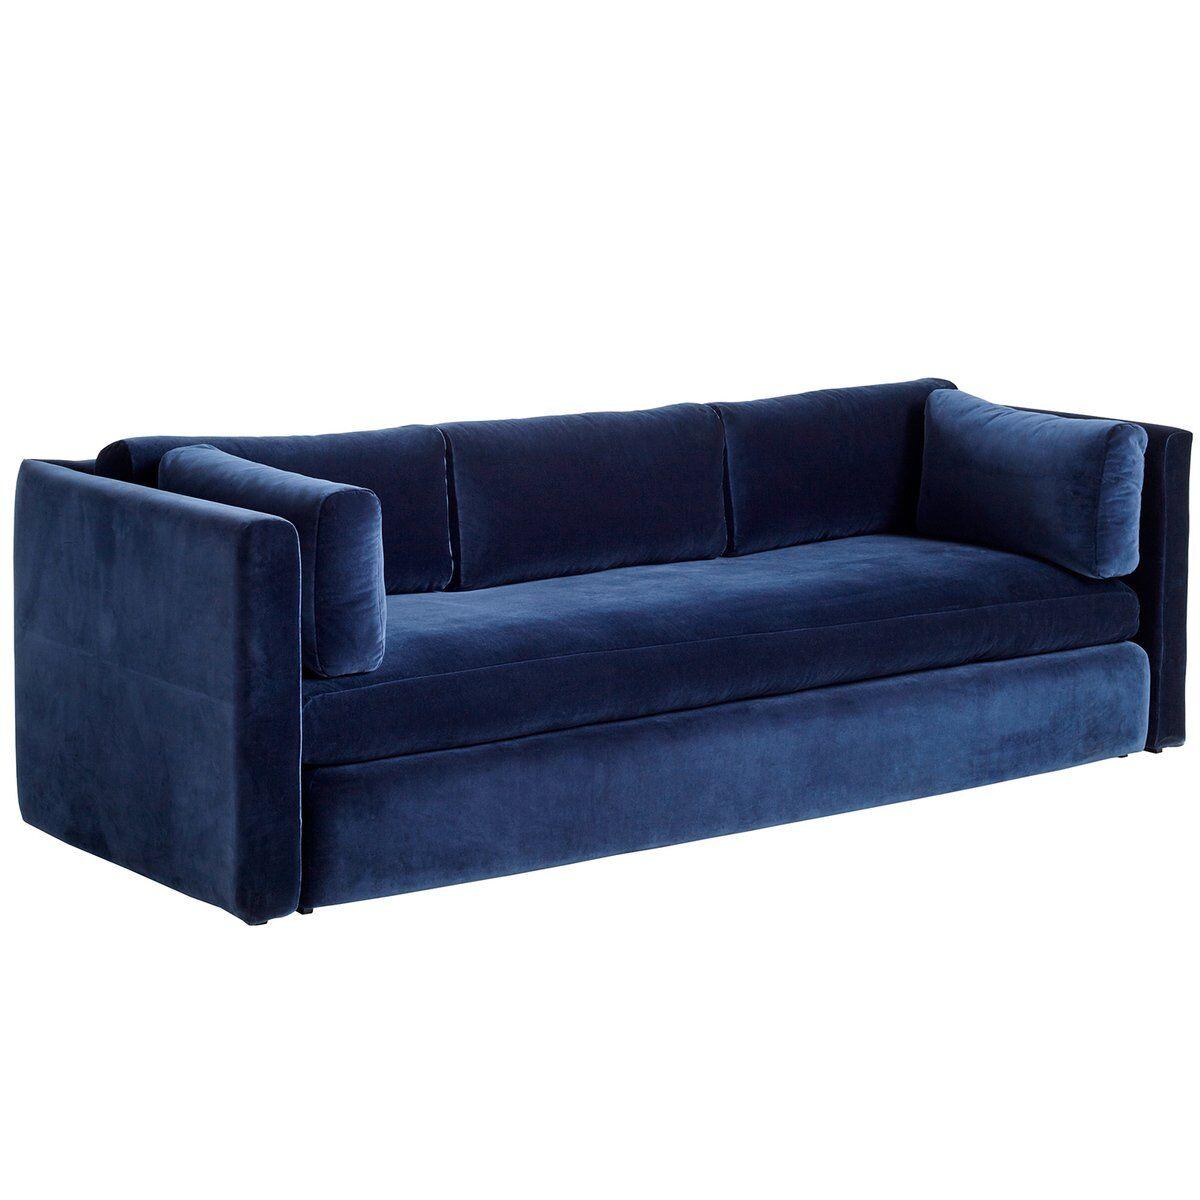 Hay Hackney sohva, 3-istuttava, Lola navy